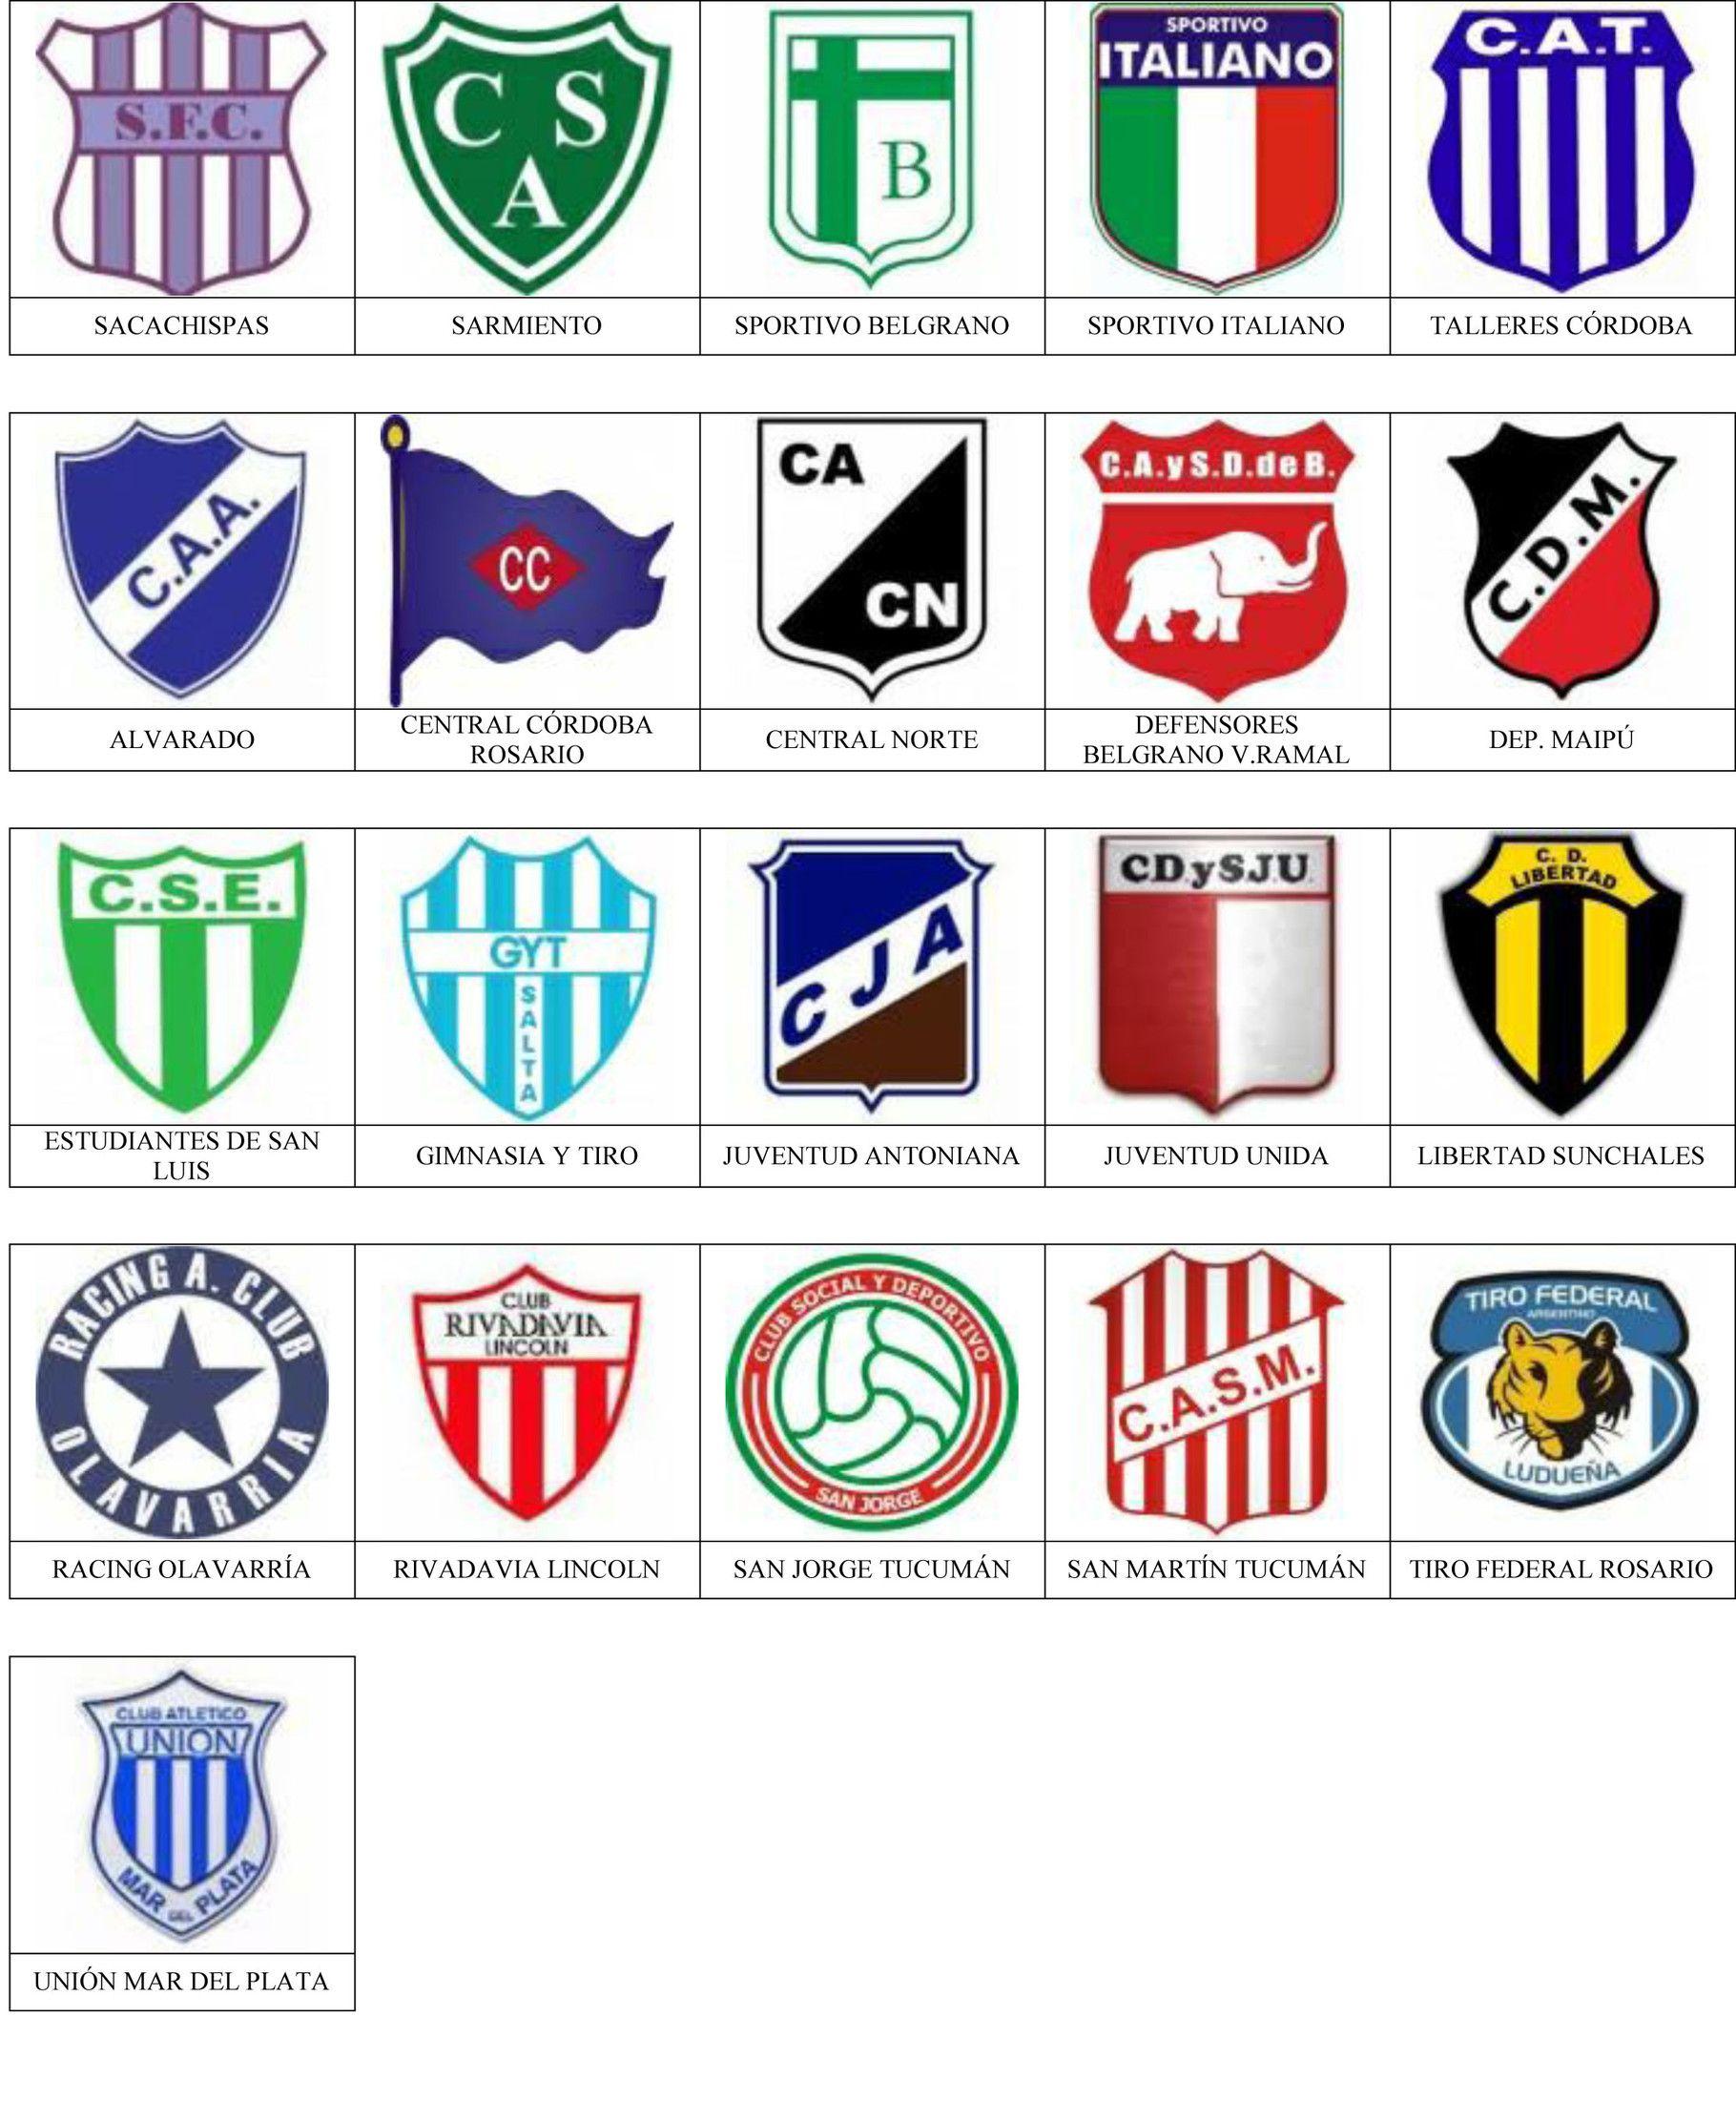 Argentina Pins De Escudos Insiginas De Equipos De Fútbol Escudos De Futbol Argentino Equipo De Fútbol Futbol Argentino